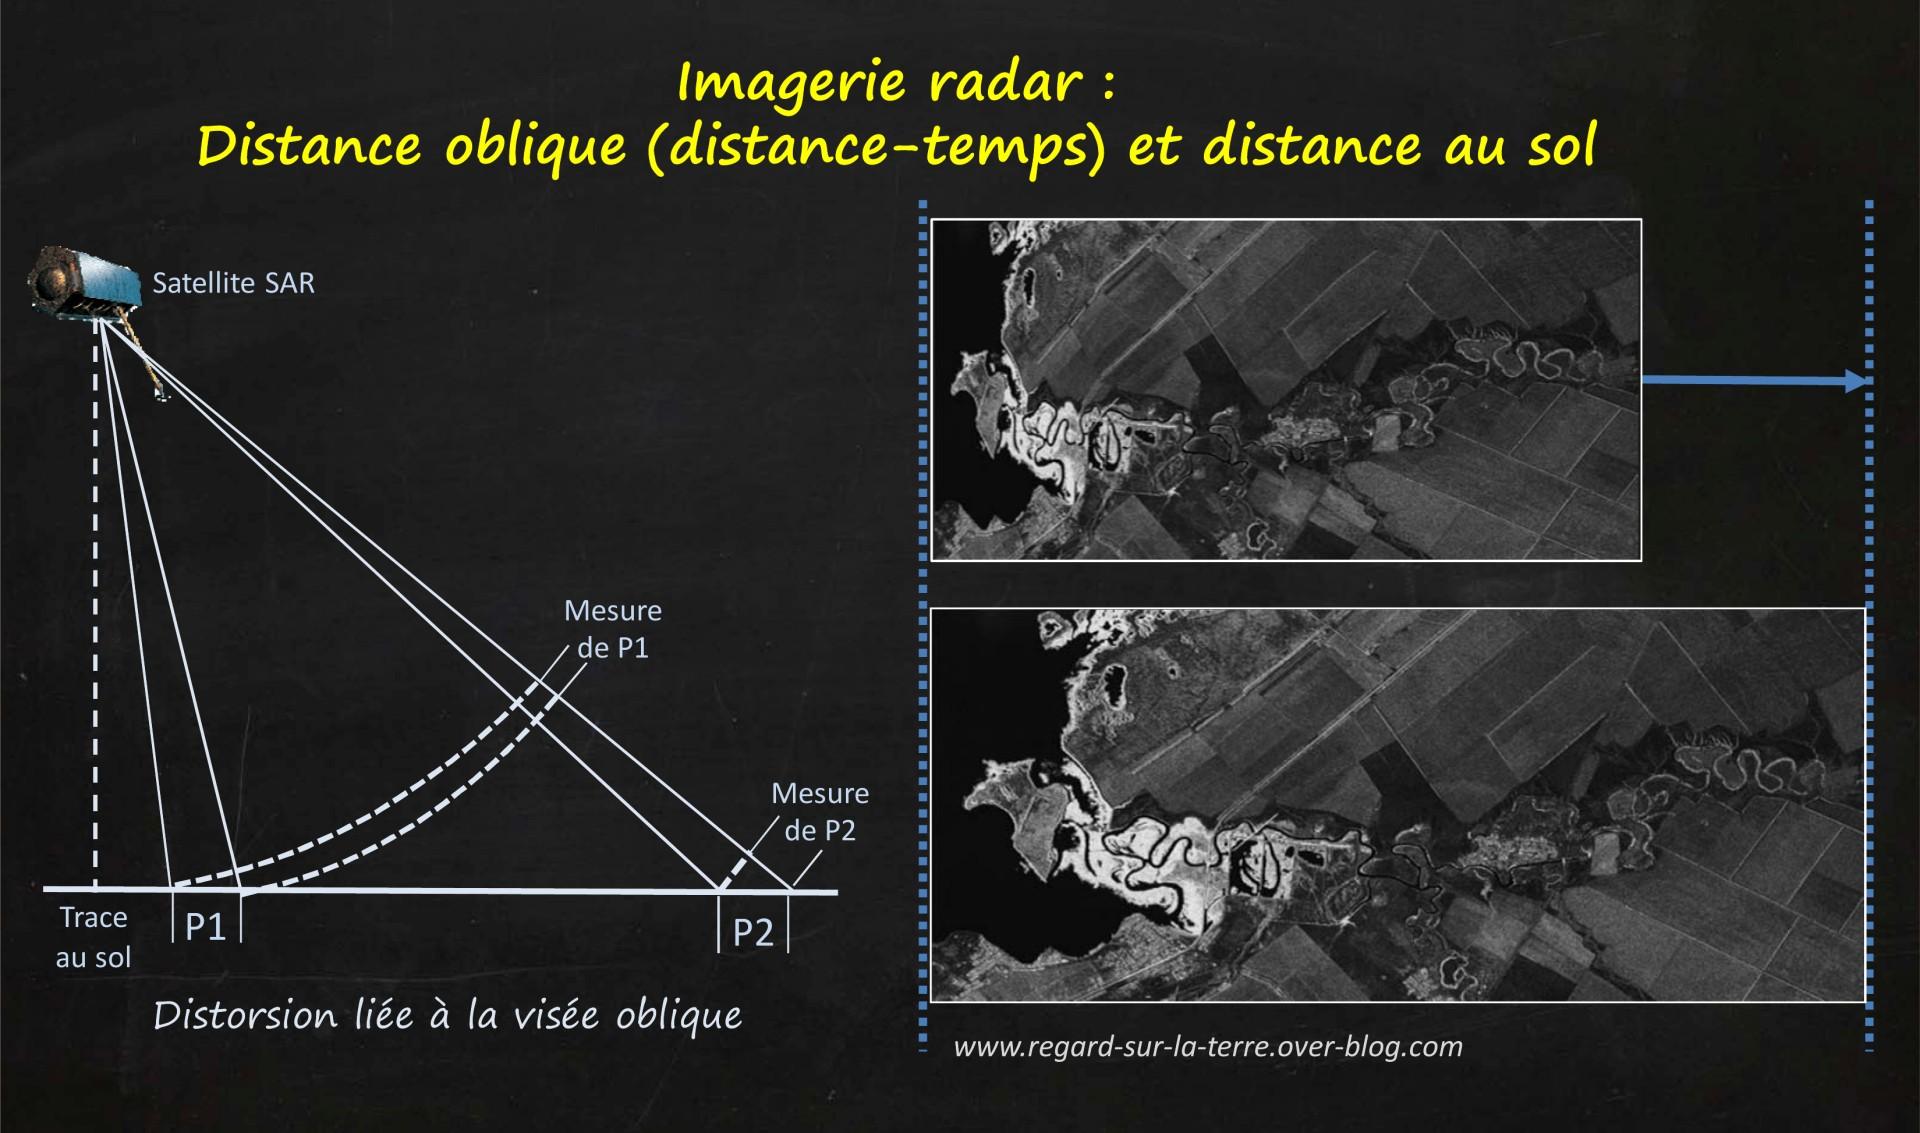 Satellite - Radar - SAR - Synthetic Aperture radar - Visée oblique - Slant range - Géométrie - Portée - Azimut - Distorsion - distance oblique - distance au sol